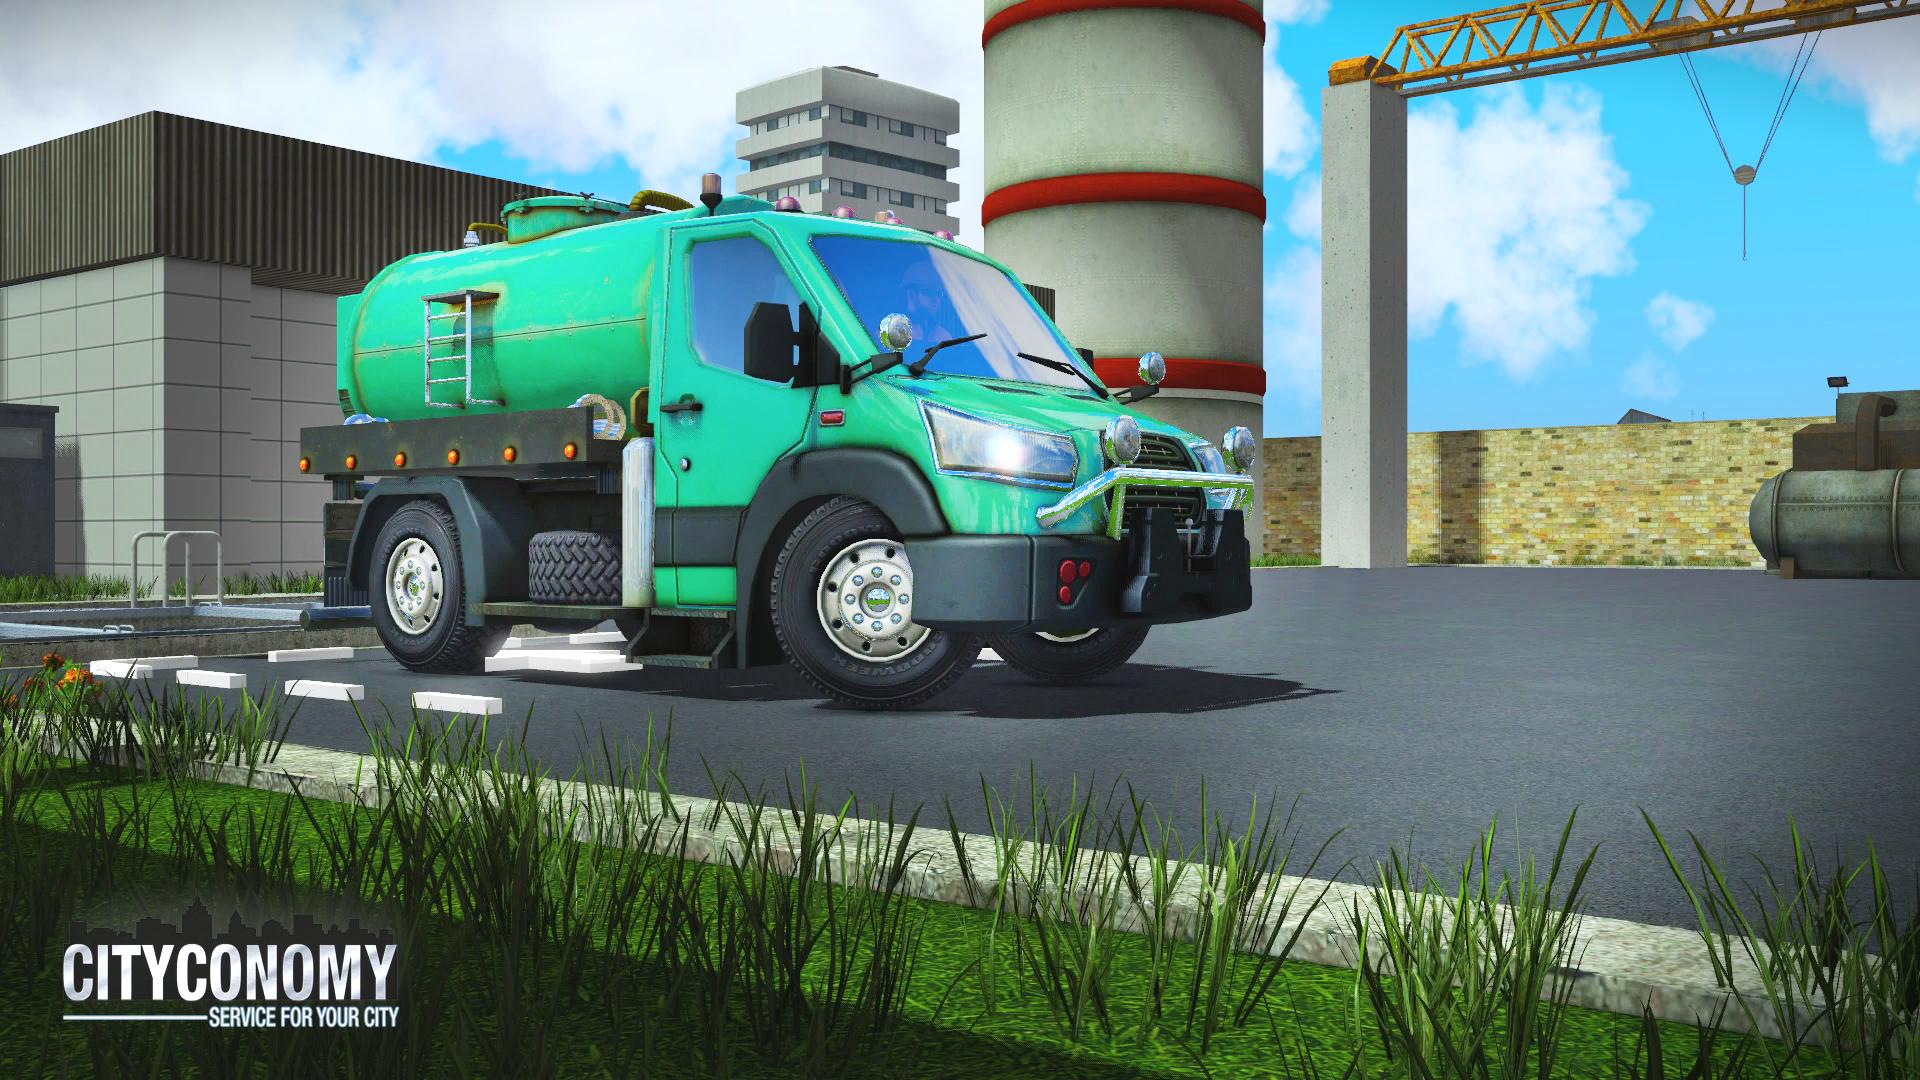 V simulátoru Cityconomy se budete starat o veřejné služby města 116068